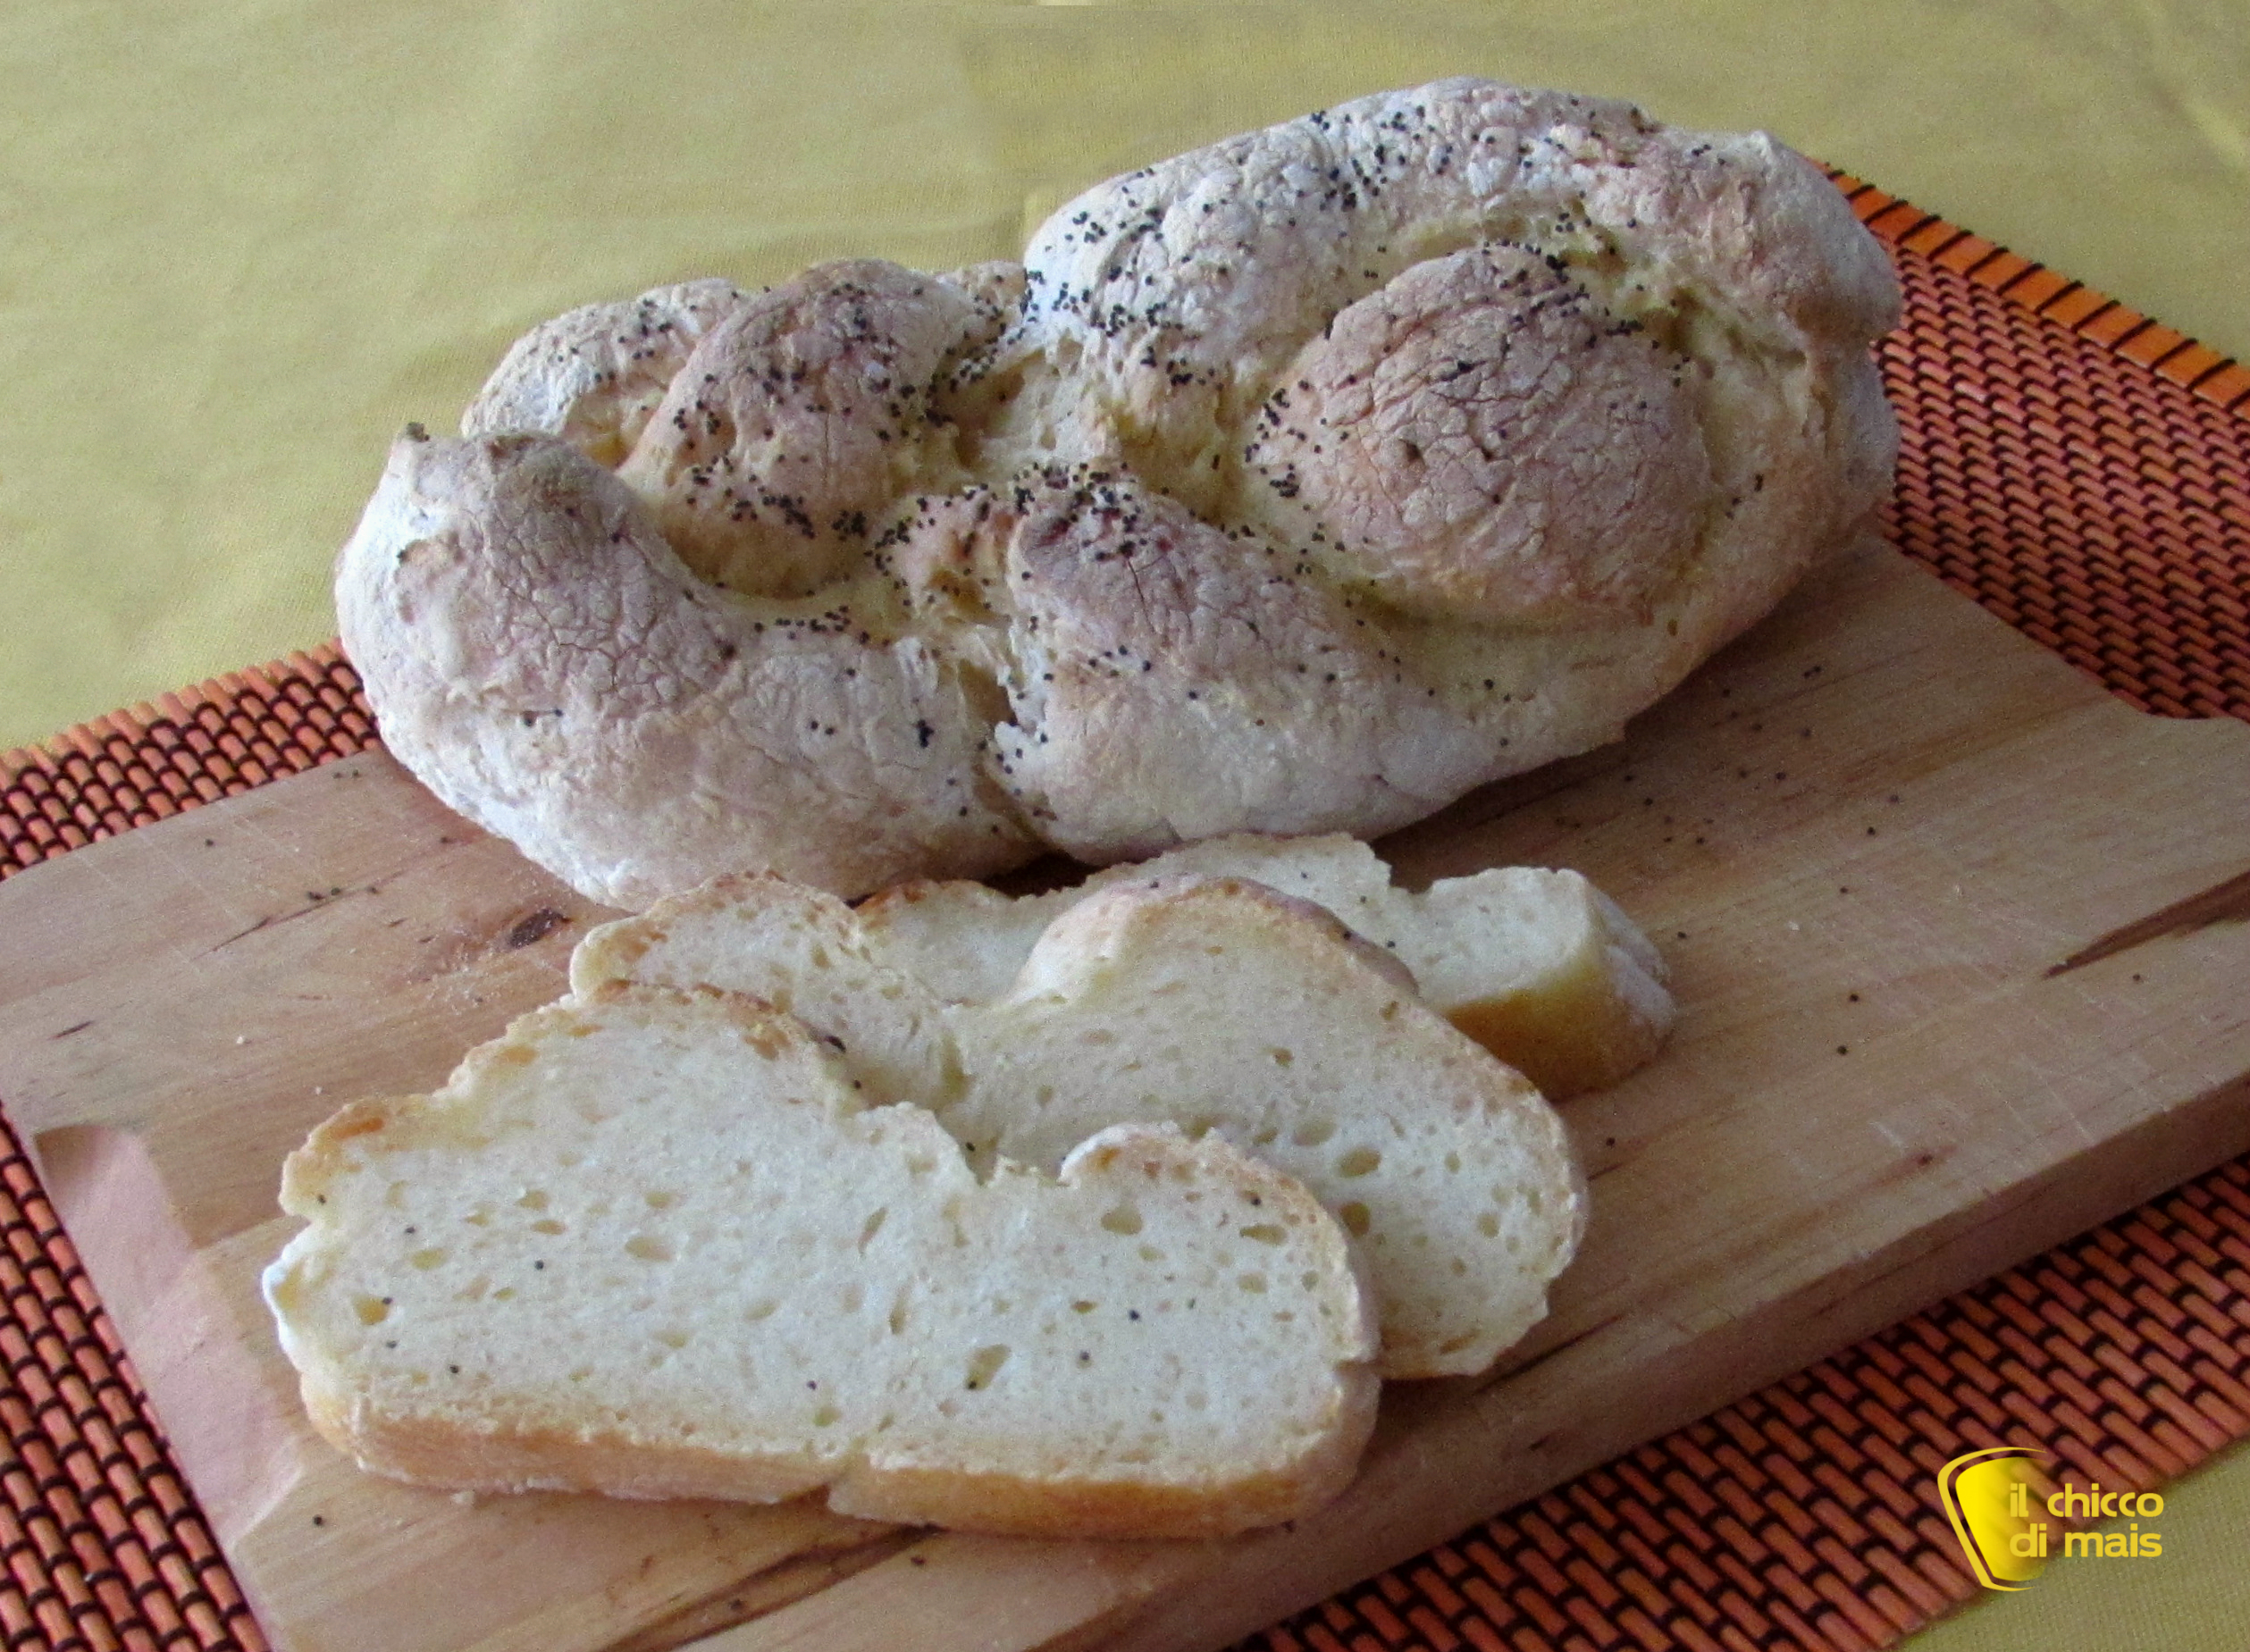 Trecce di pane senza glutine ricetta il chicco di mais